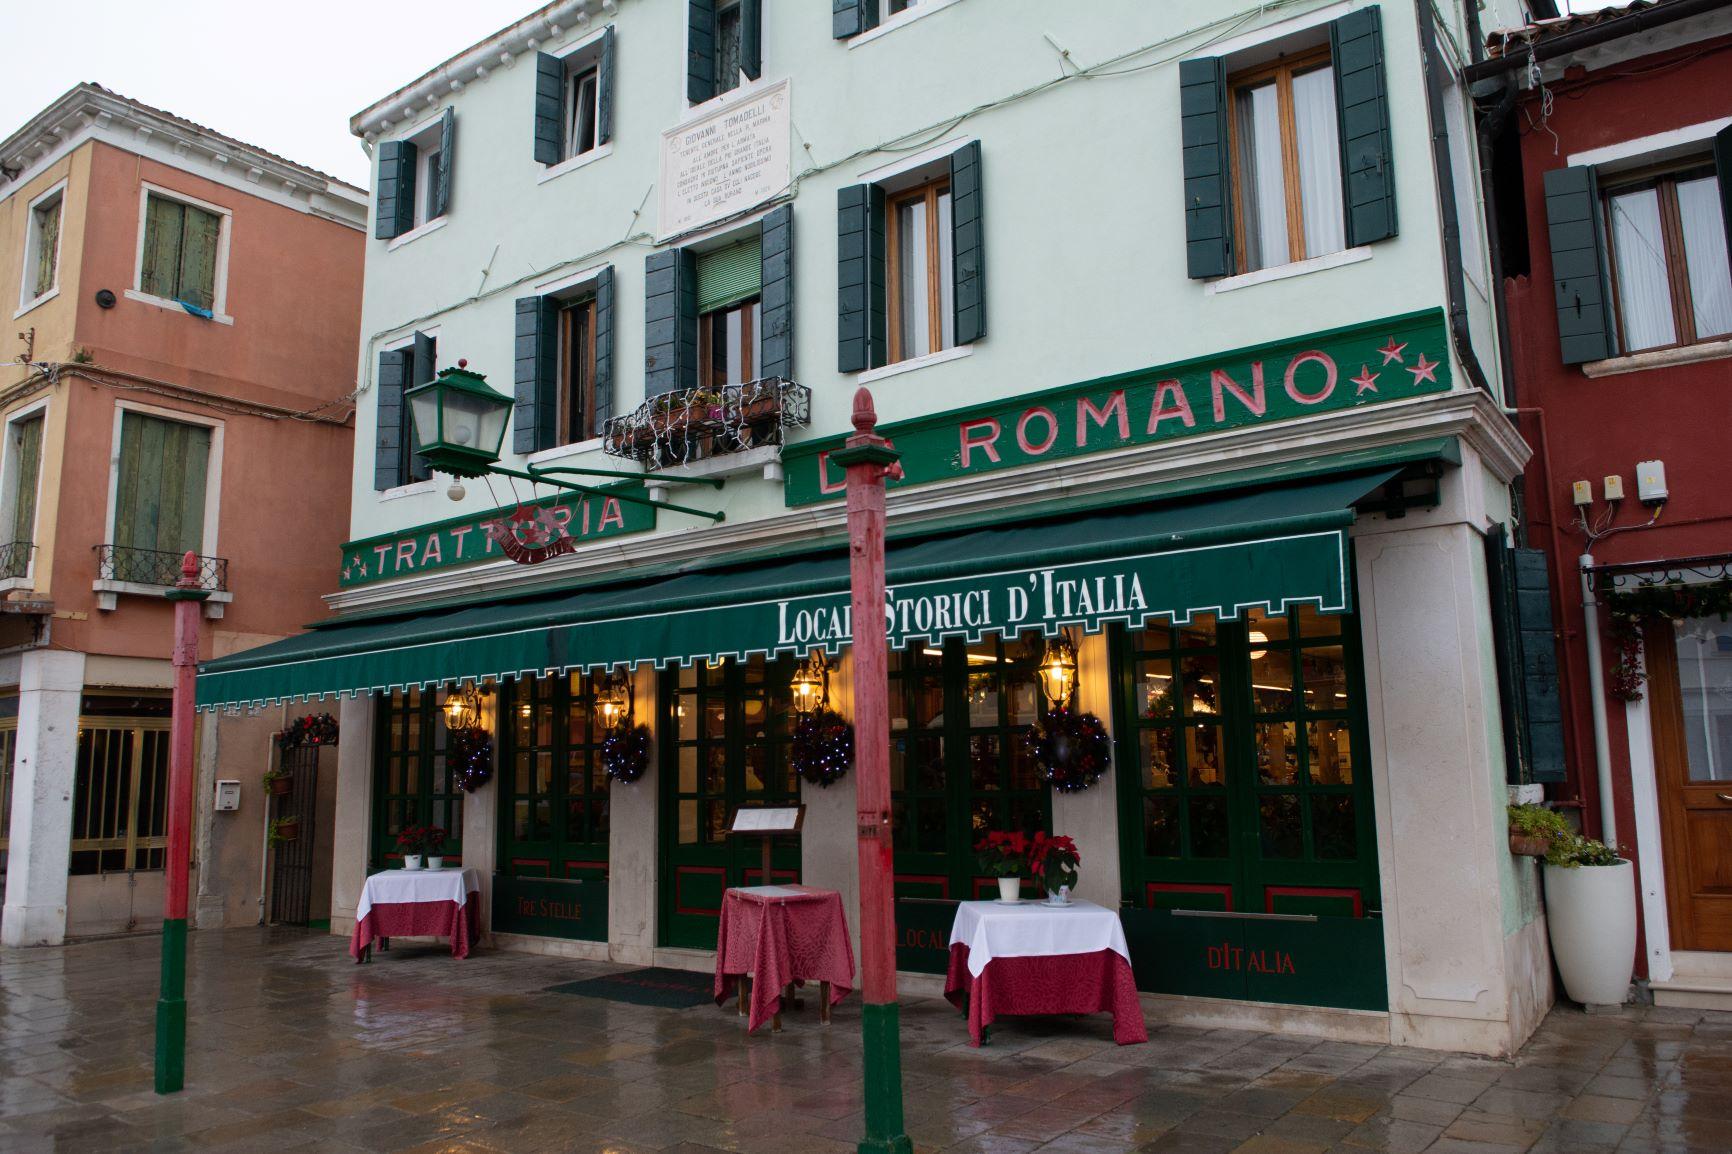 Dec 2019 - Da Romano Burano - Locanda Storica d'Italia